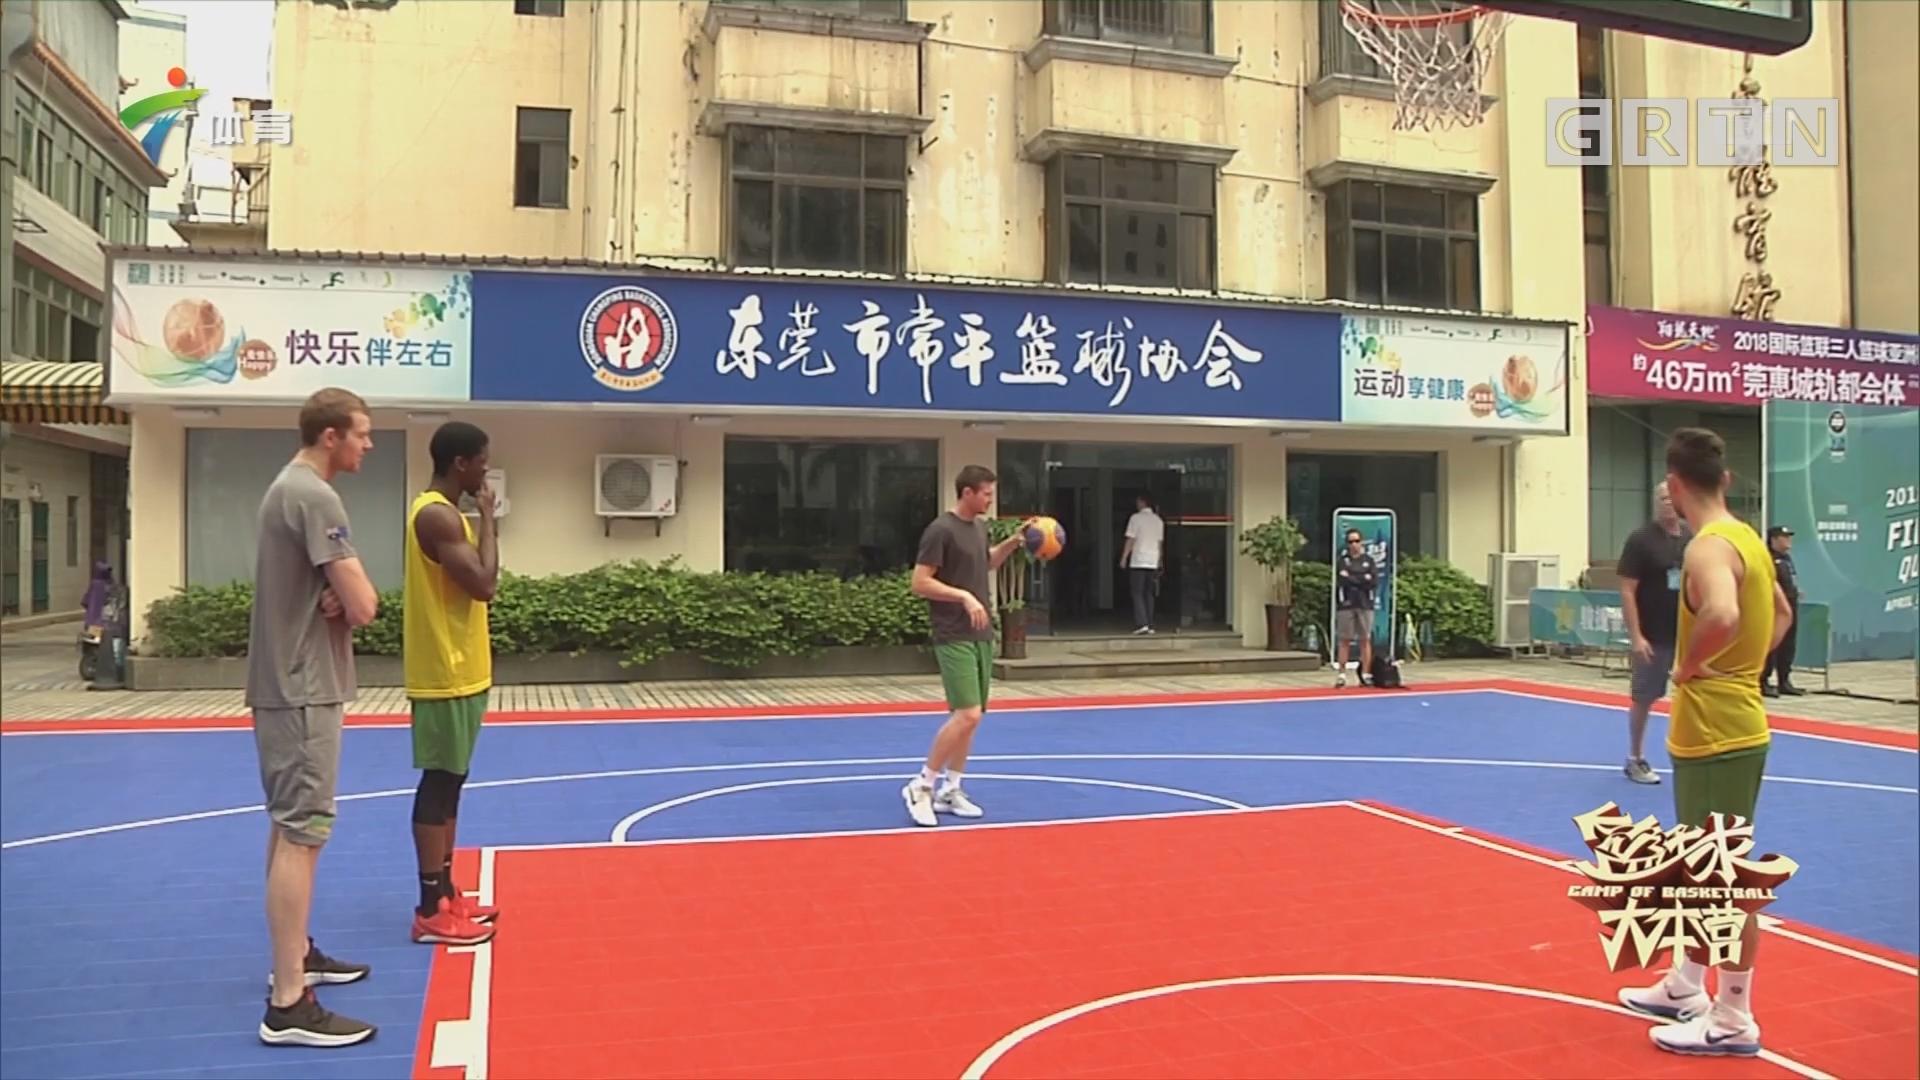 三人篮球亚洲杯资格赛落户常平 开创镇一级先例